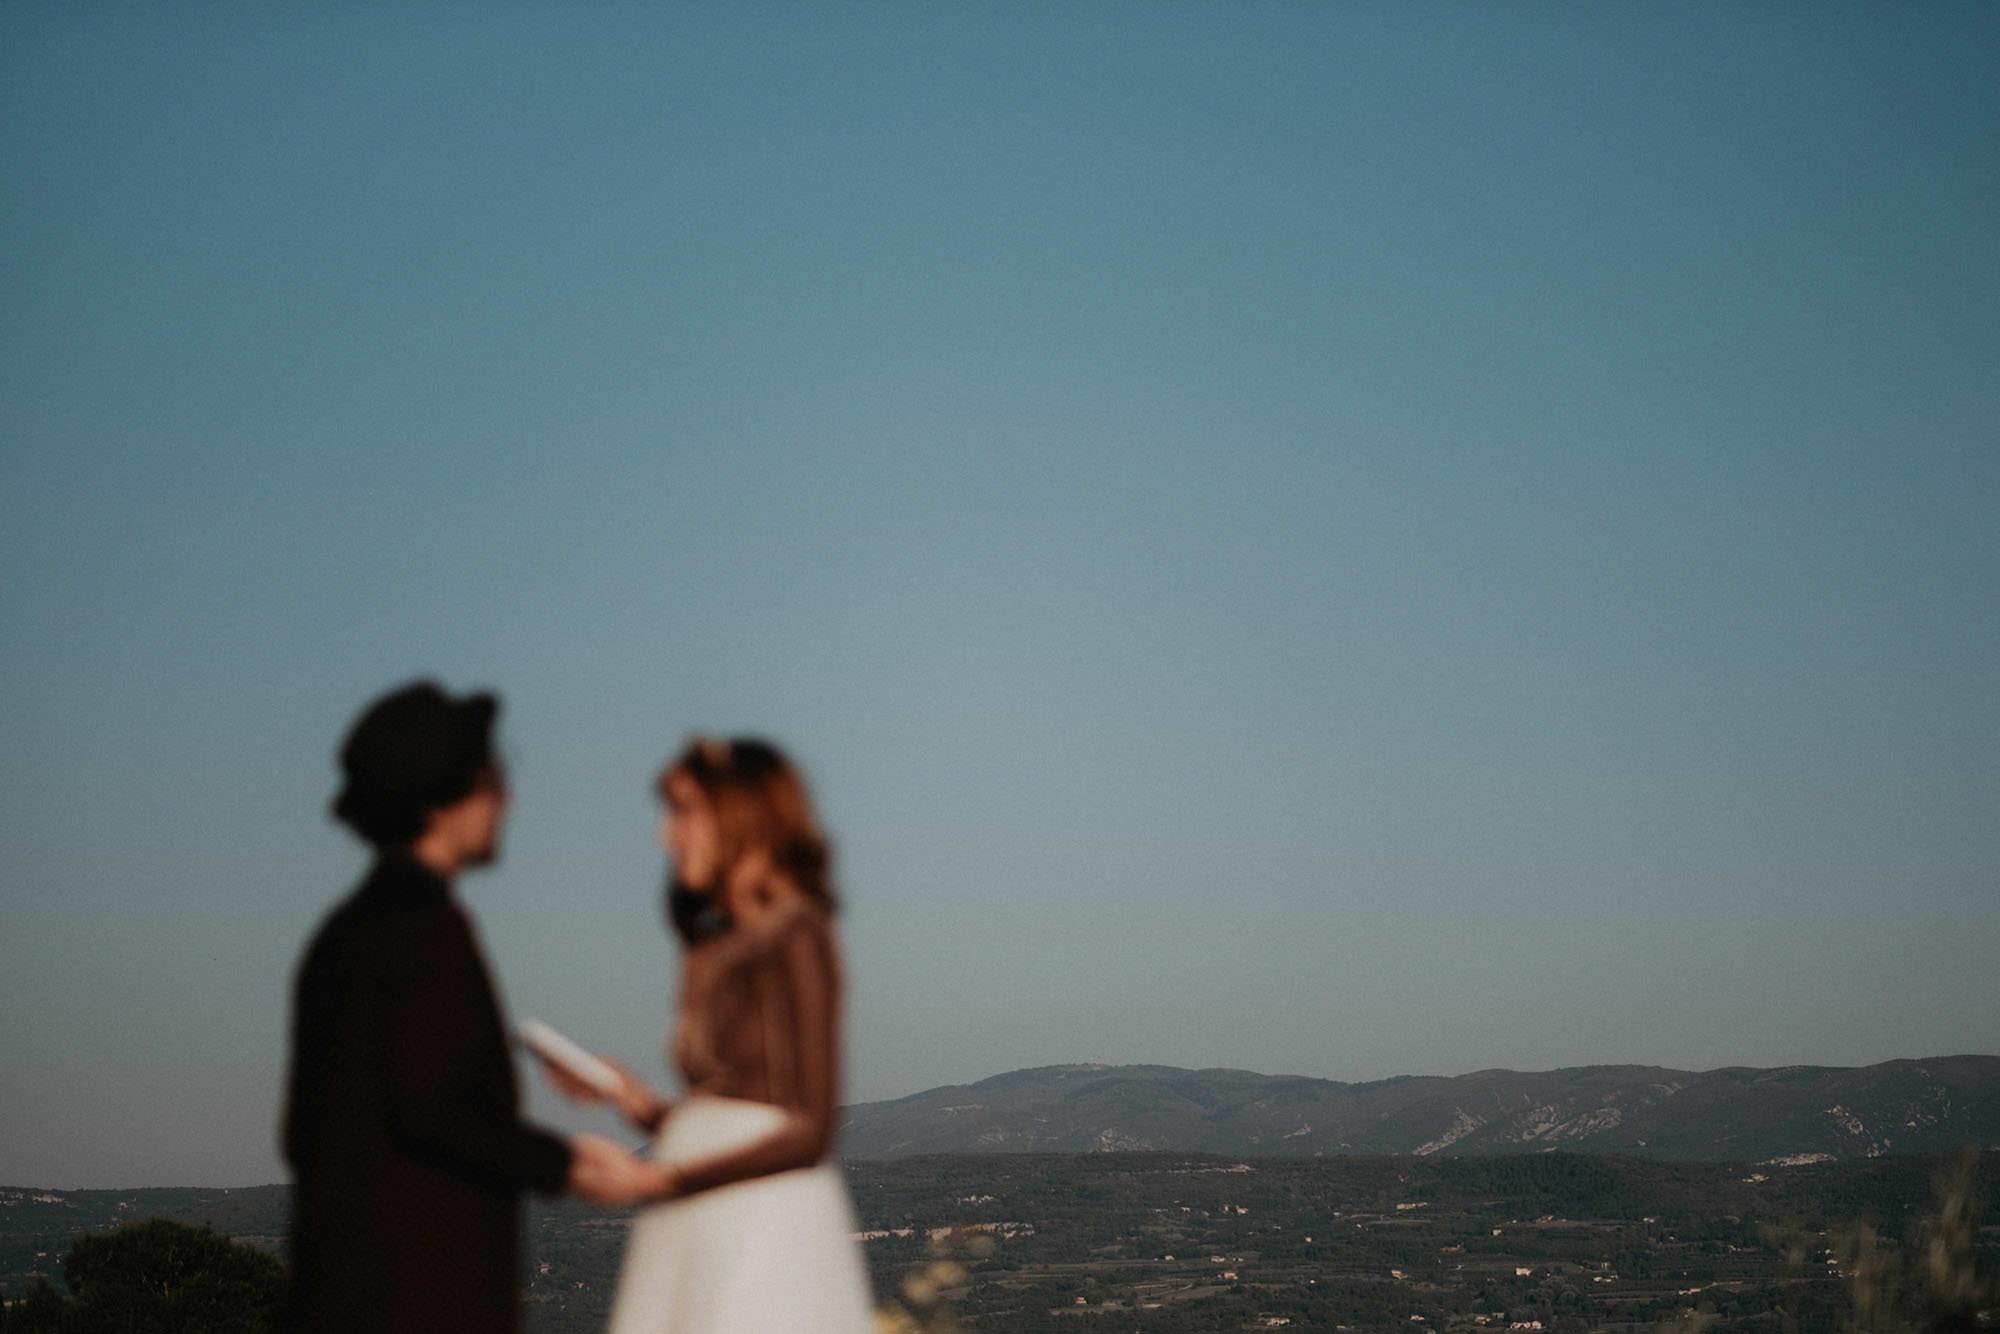 goult provence france elopement vow renewal couple portrait photo